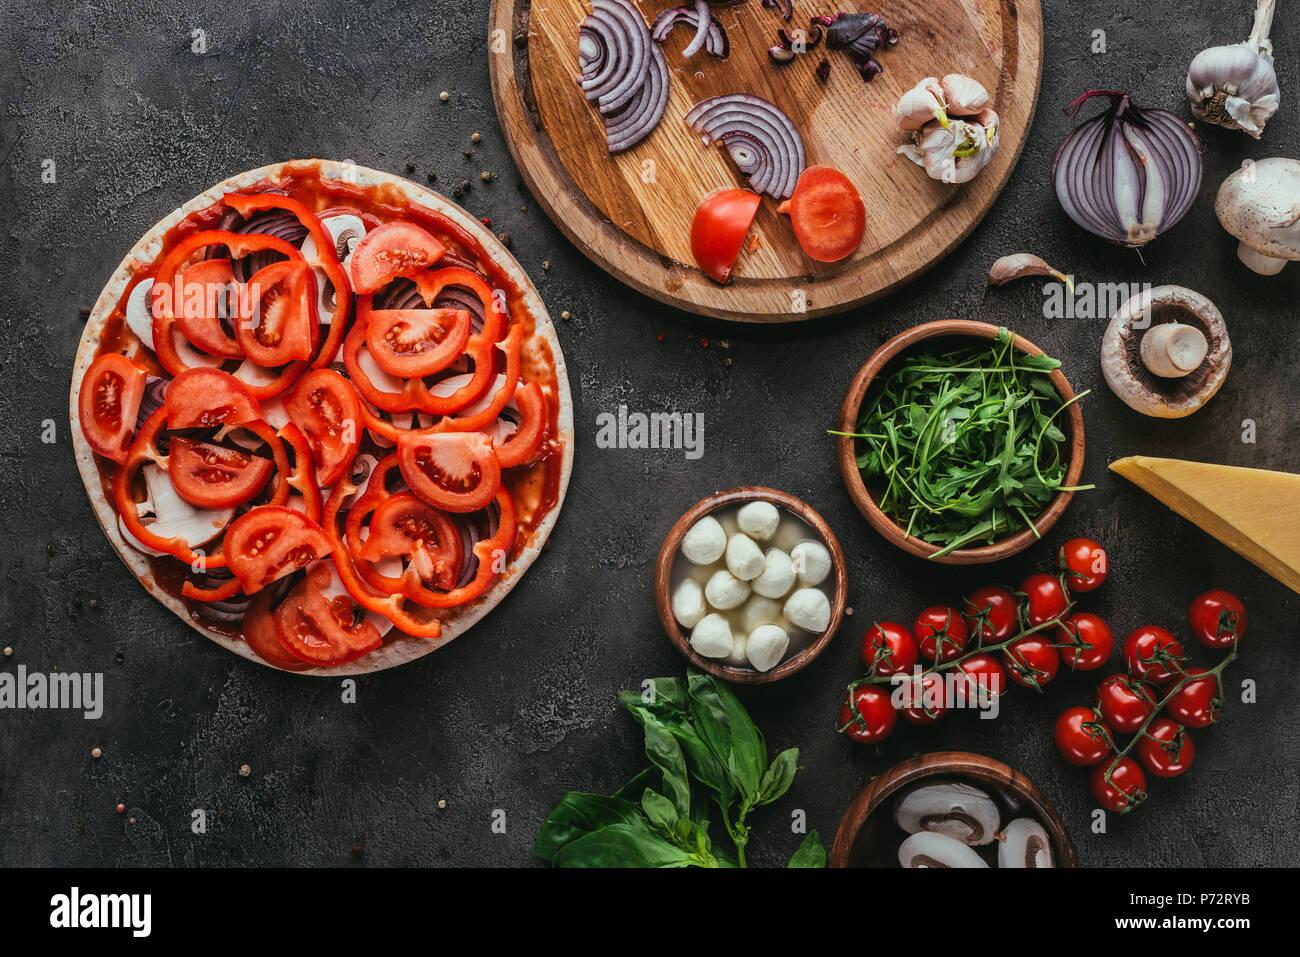 Blick von oben auf die rohe Pizza mit unterschiedlichen Zutaten auf konkrete Tabelle Stockbild